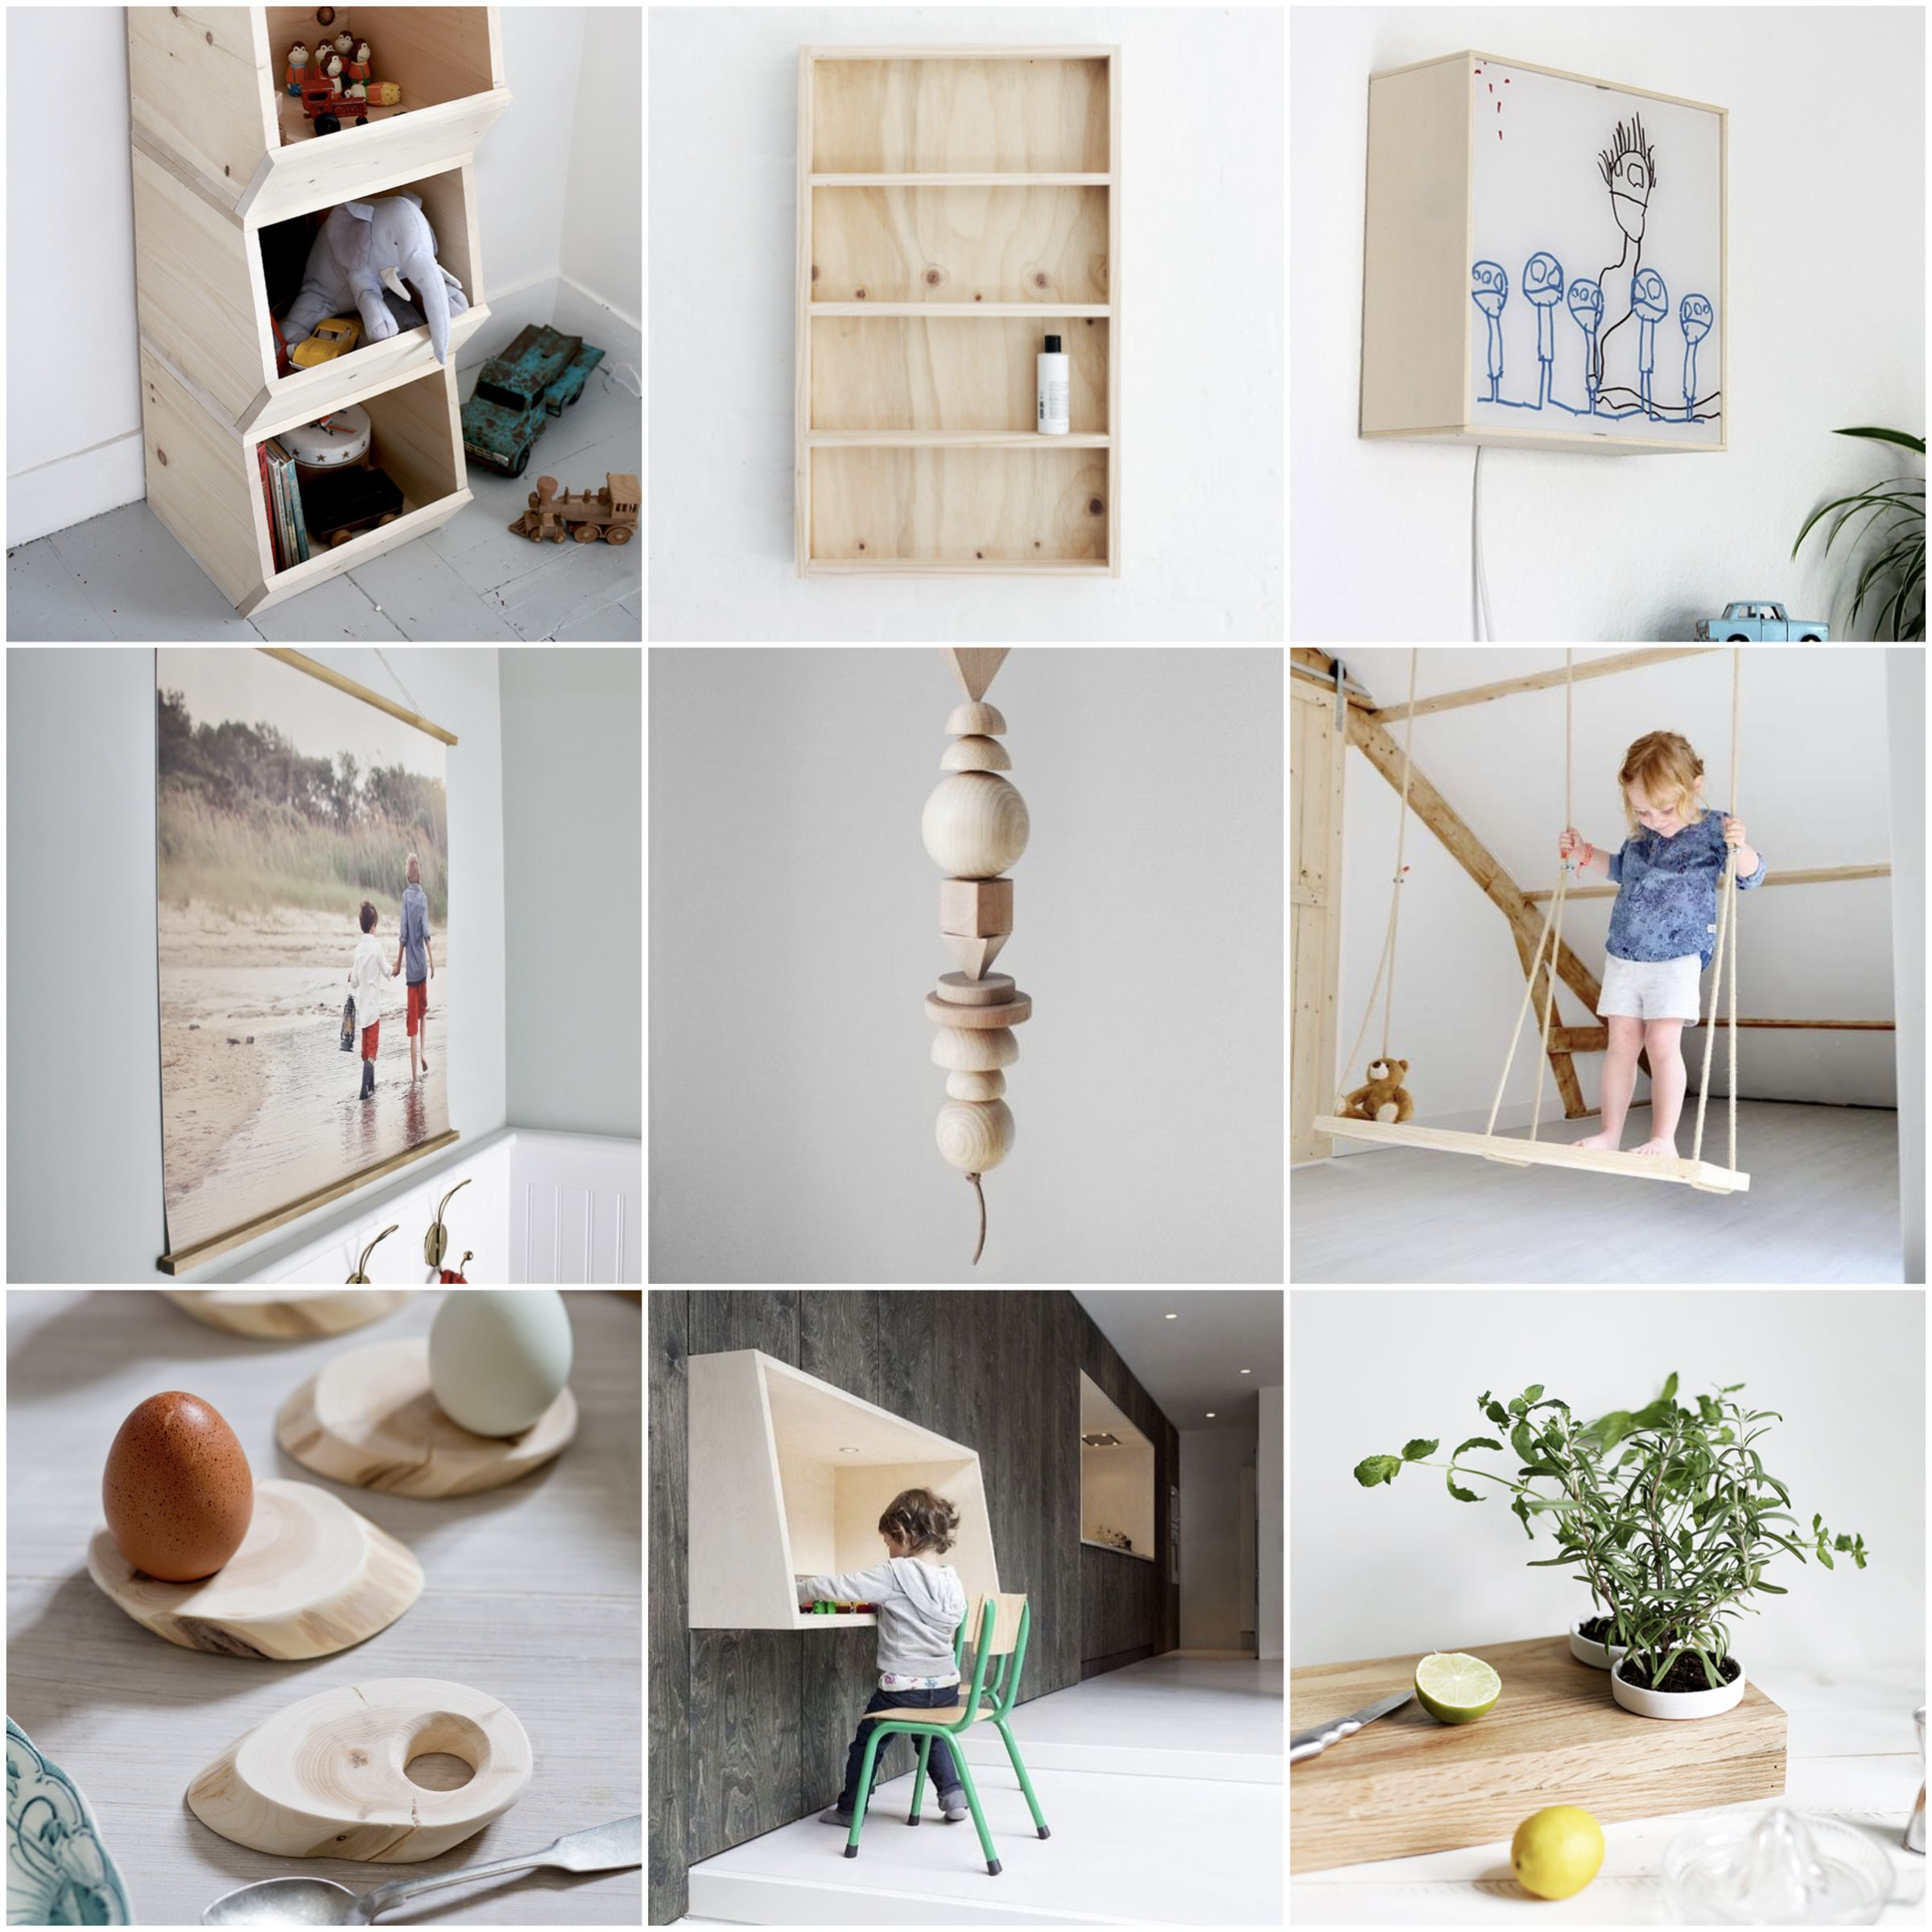 inspiration 12 einfach diy ideen aus holz f rs kinderzimmer und die wohnung ideen rund ums. Black Bedroom Furniture Sets. Home Design Ideas